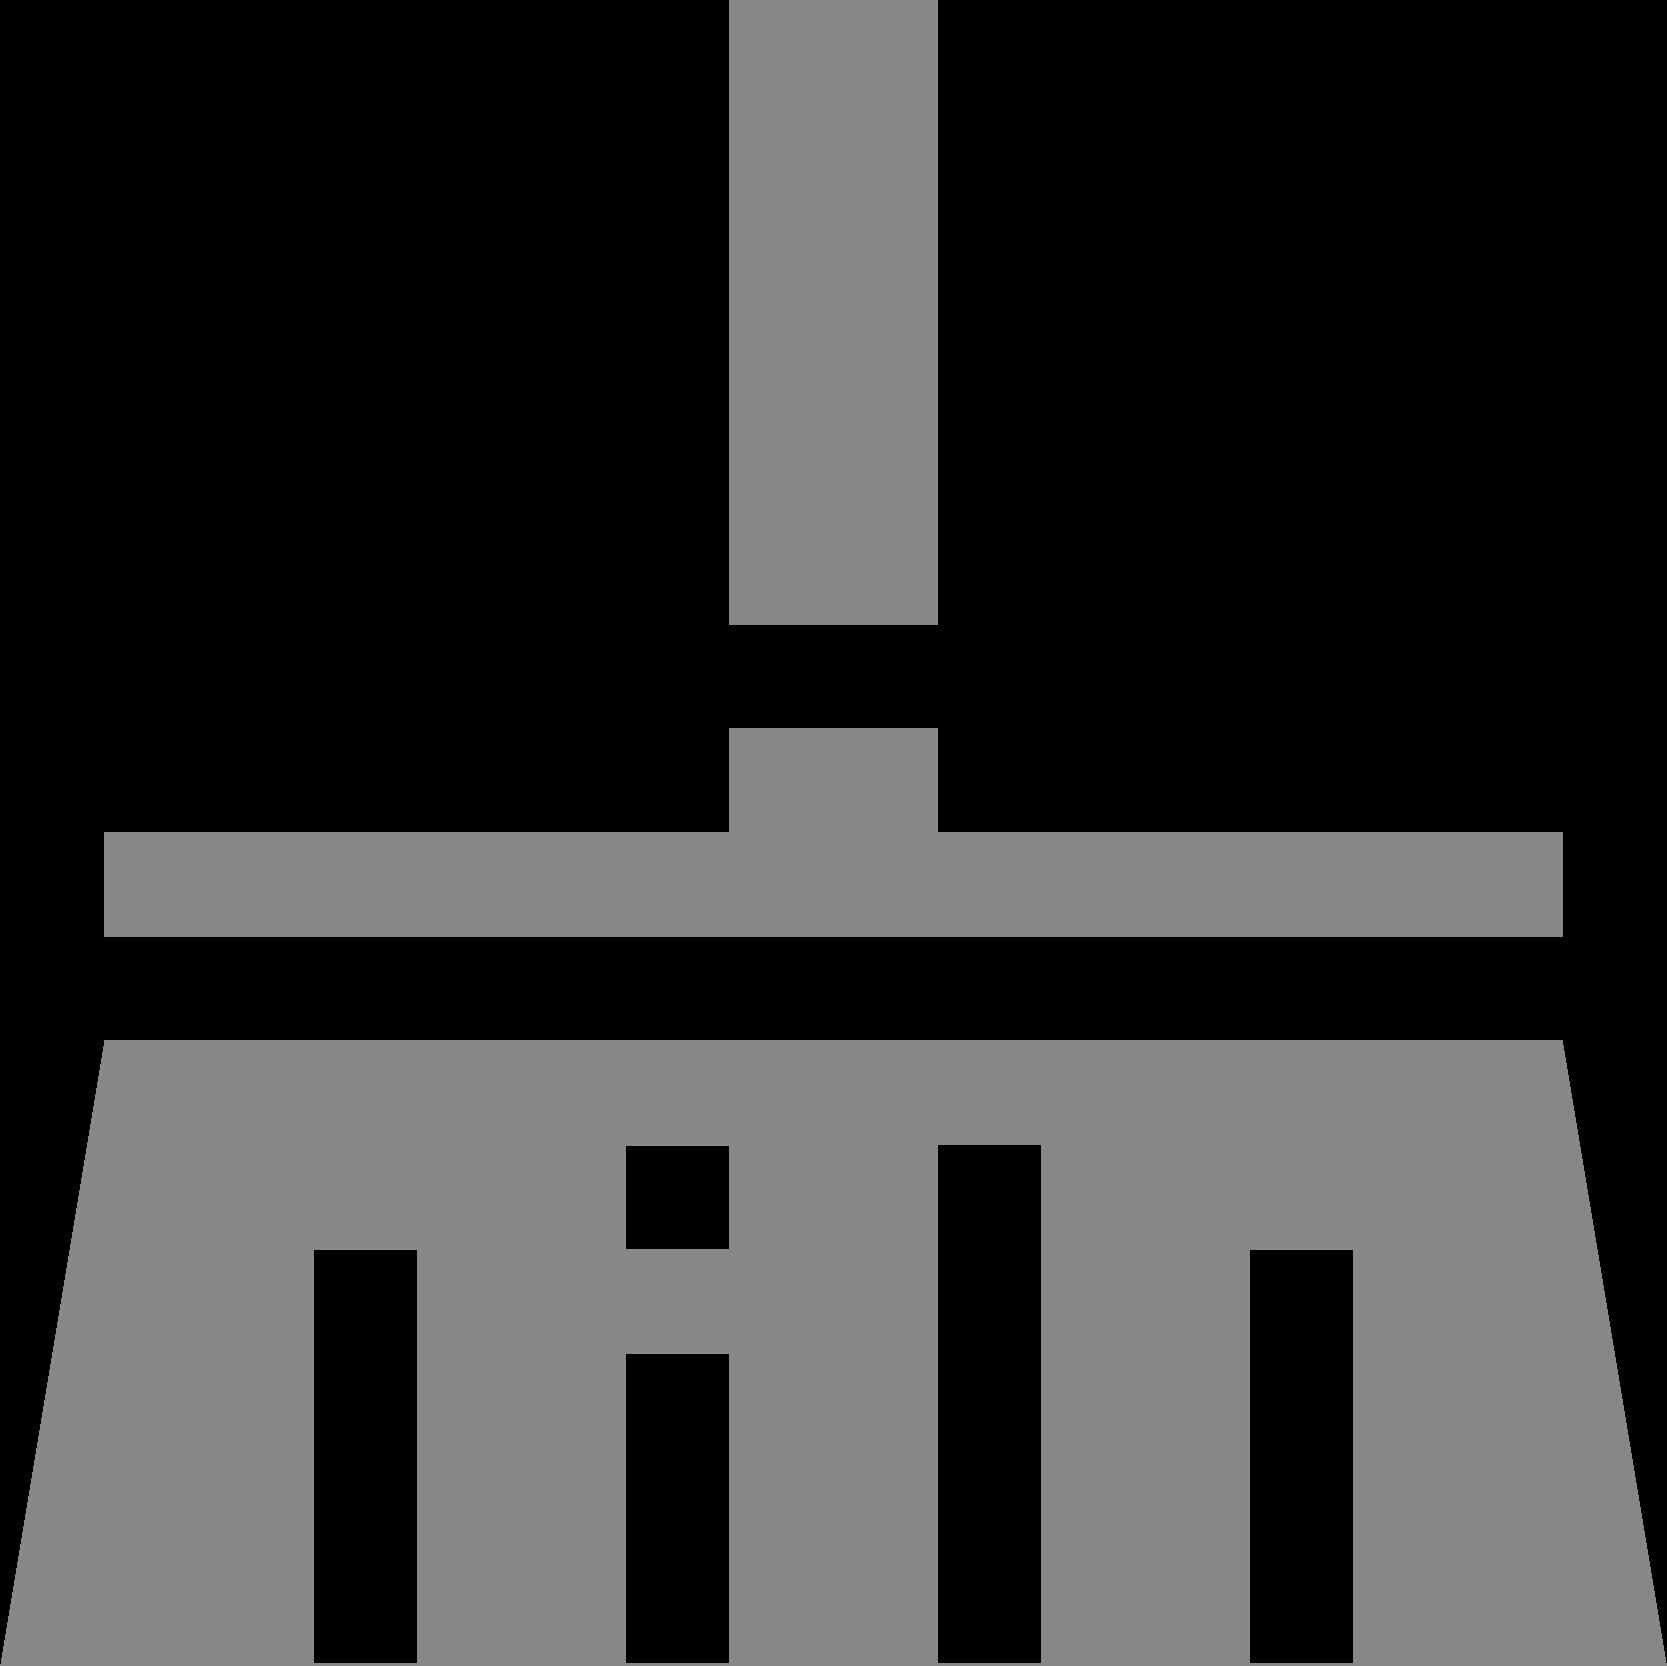 iconModel_46